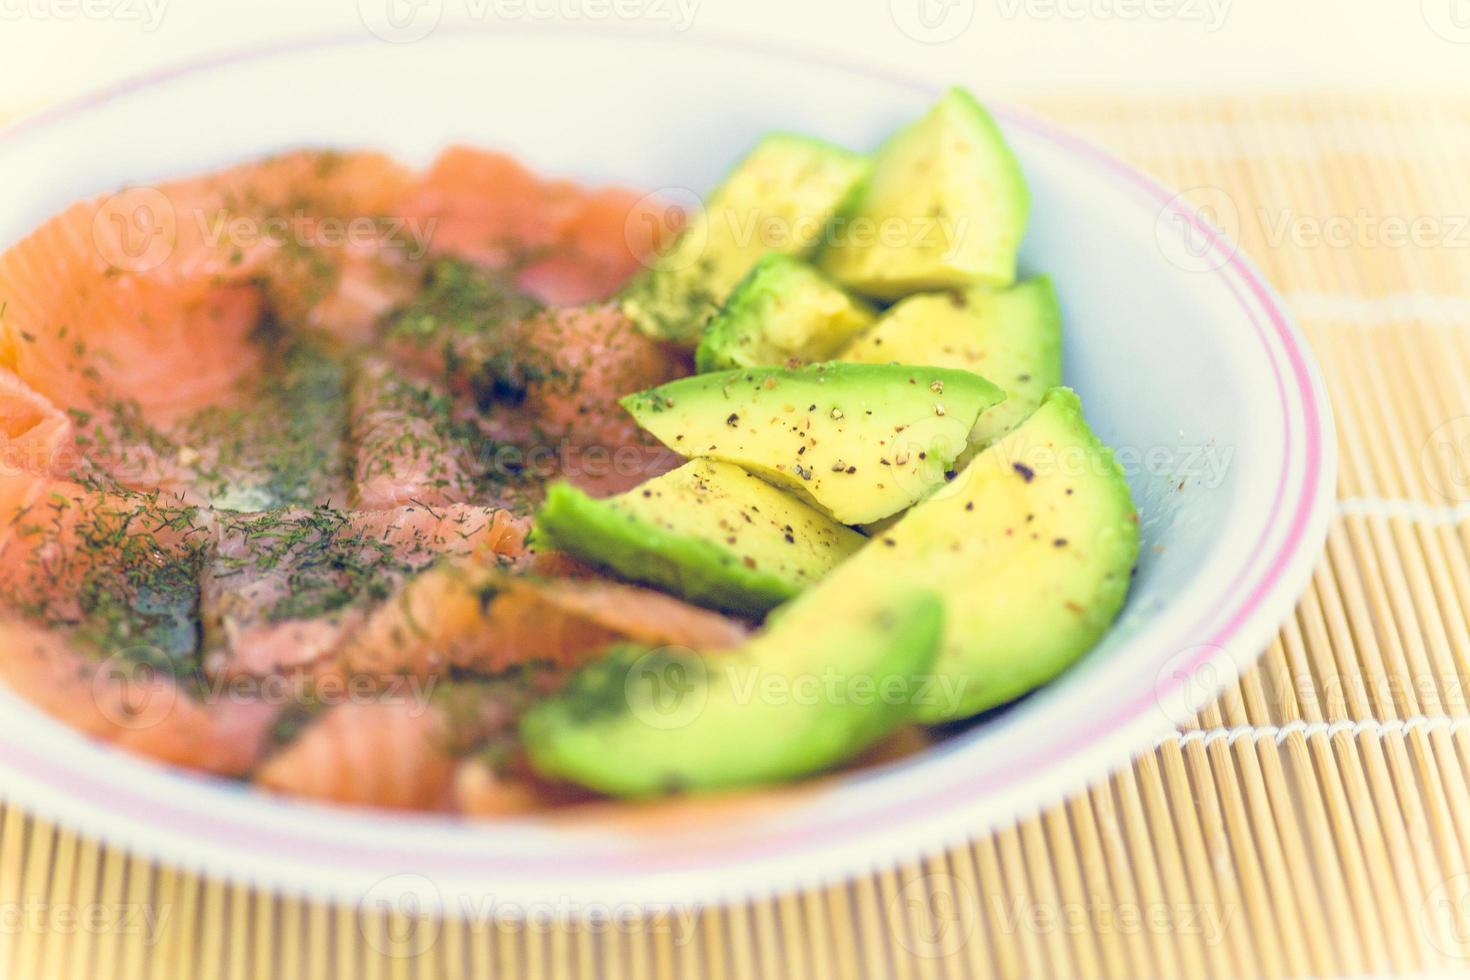 receitas saudáveis: abacate, salmão defumado e especiarias foto